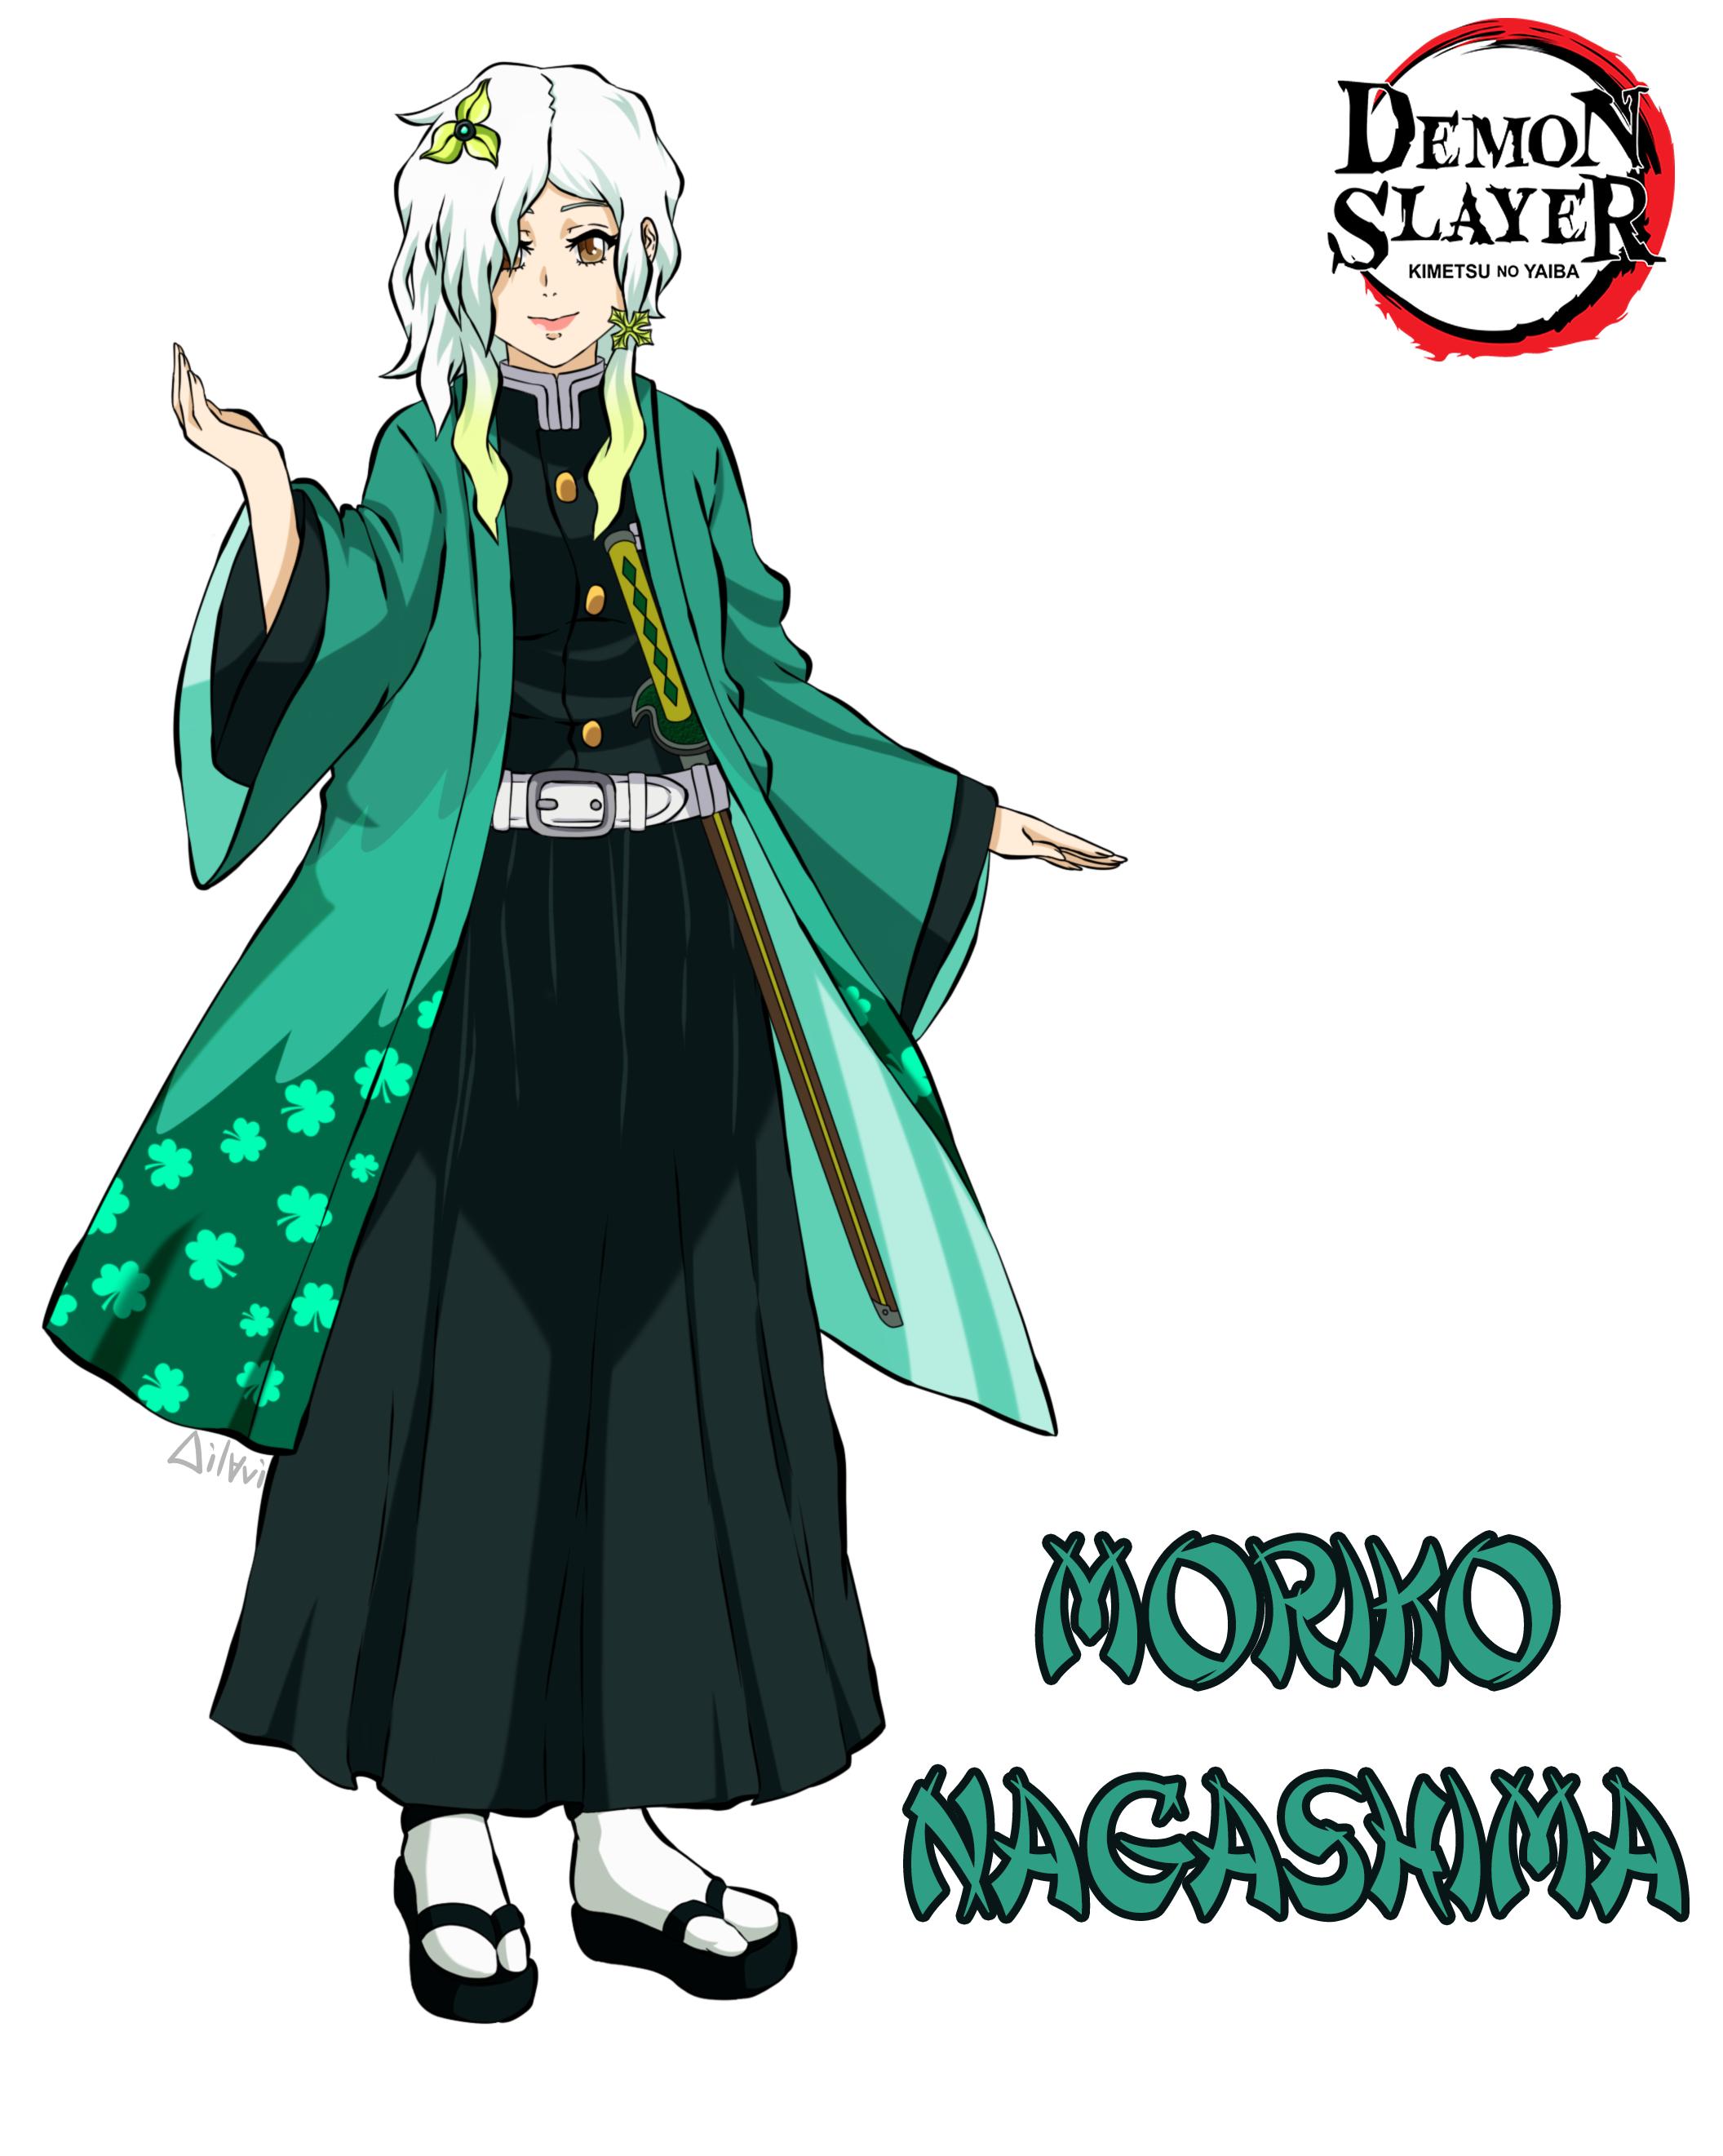 """Концепт авторского персонажа по аниме """"Клинок, рассекающий демонов/Kimetsu No Yaiba/Demon Slayer""""."""